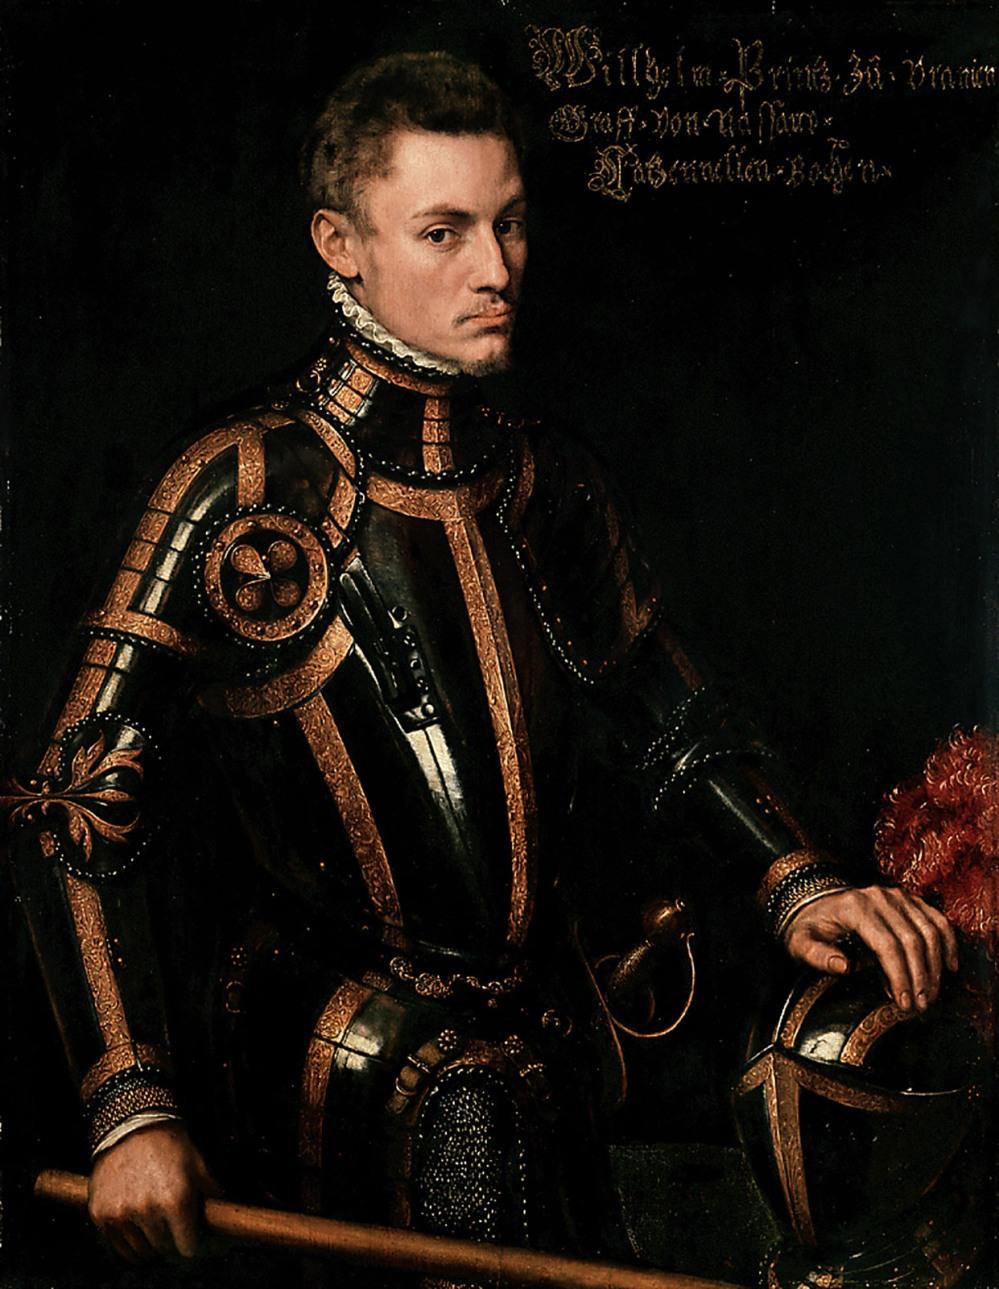 Antonio Moro. Guilleromo de Orange con armadura.1555. Museumslandschaft Hessen Kassel. Kassel.